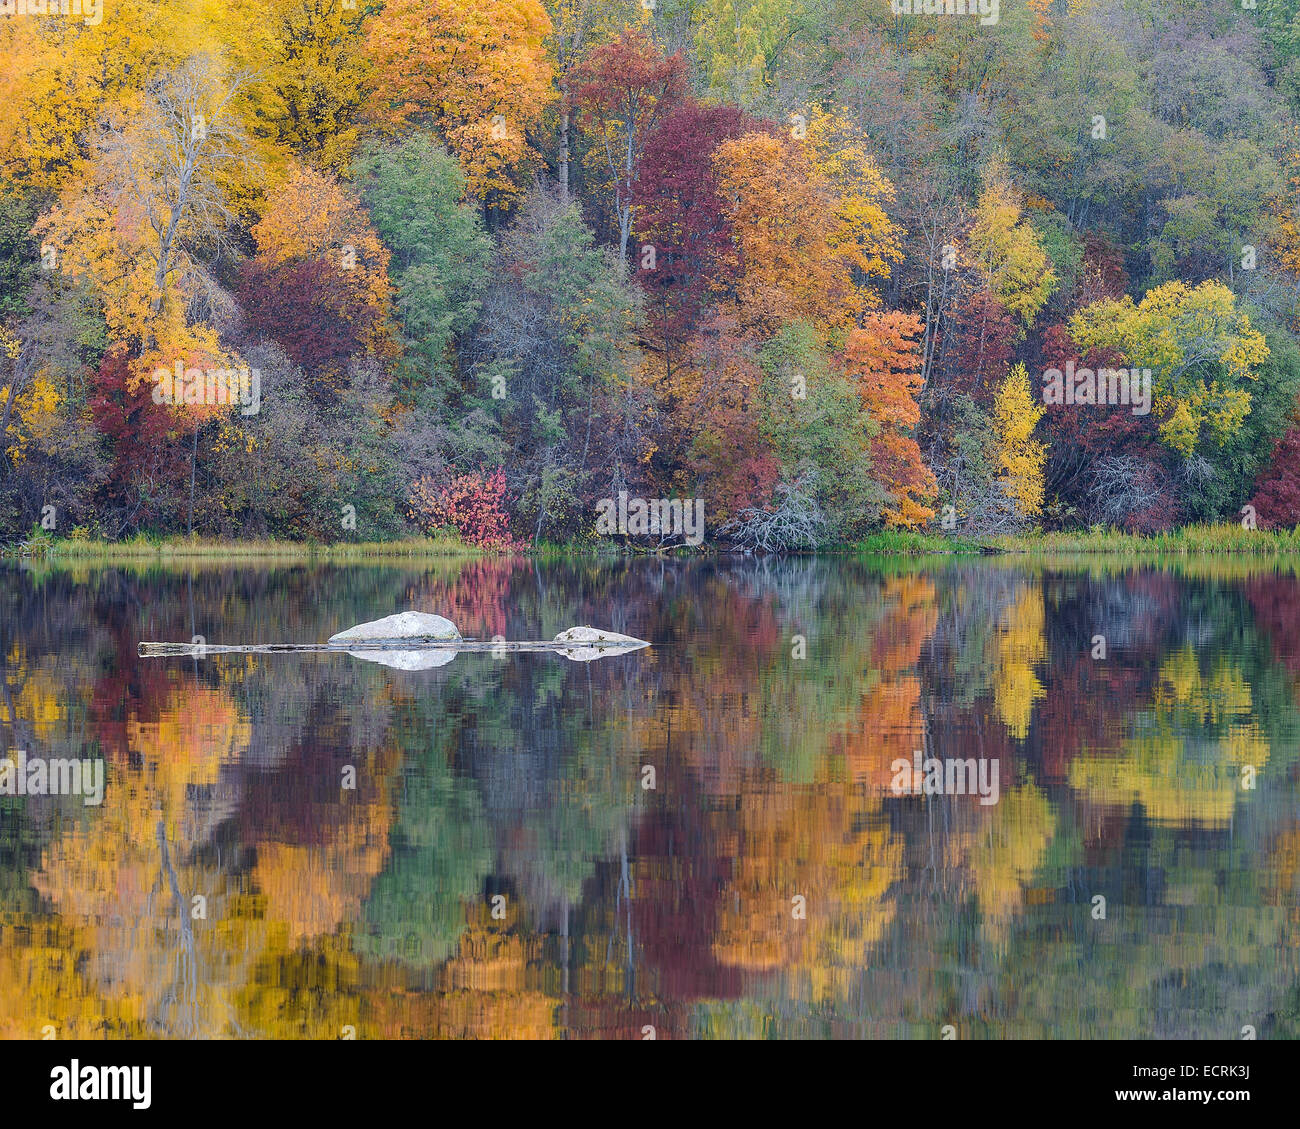 Rocas y un bosque de otoño reflejado en un río. Imagen De Stock